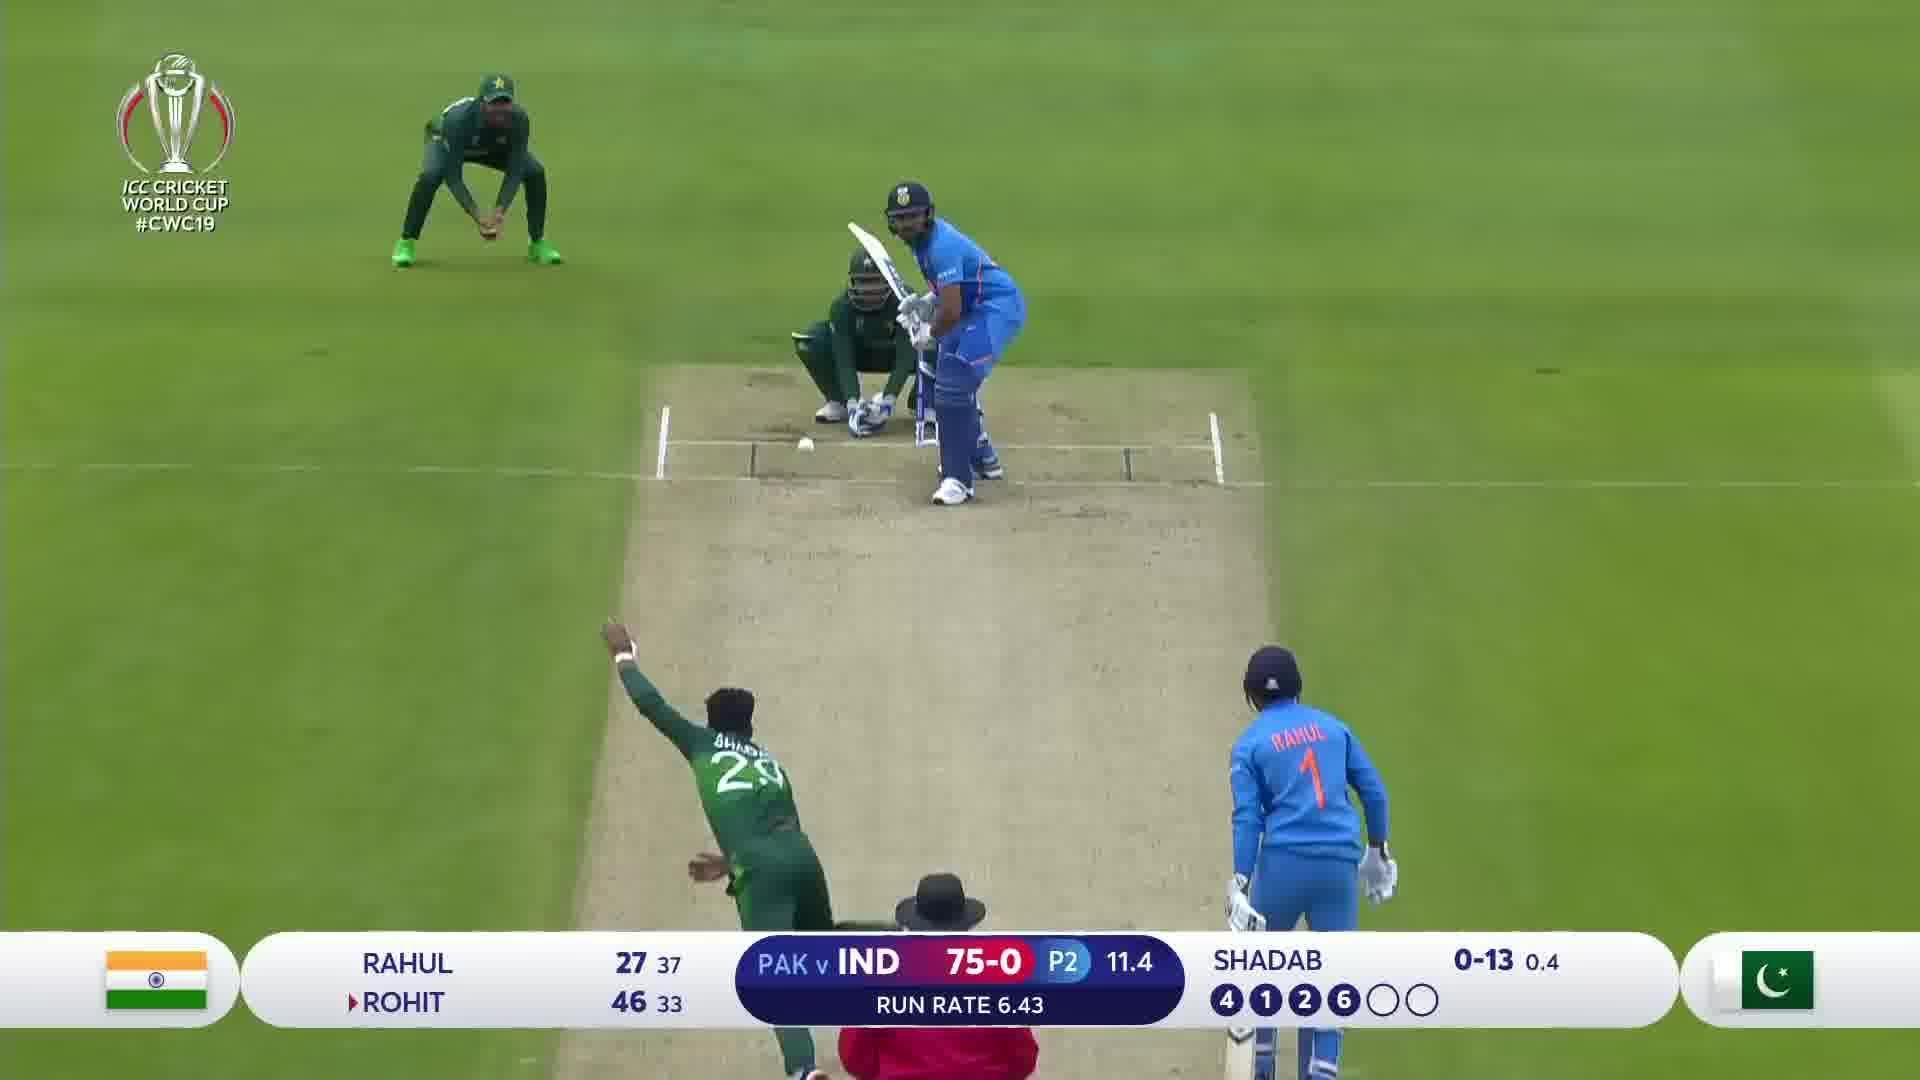 Pak Vs Ind Cricket Match Paks Ipl Cricket Match